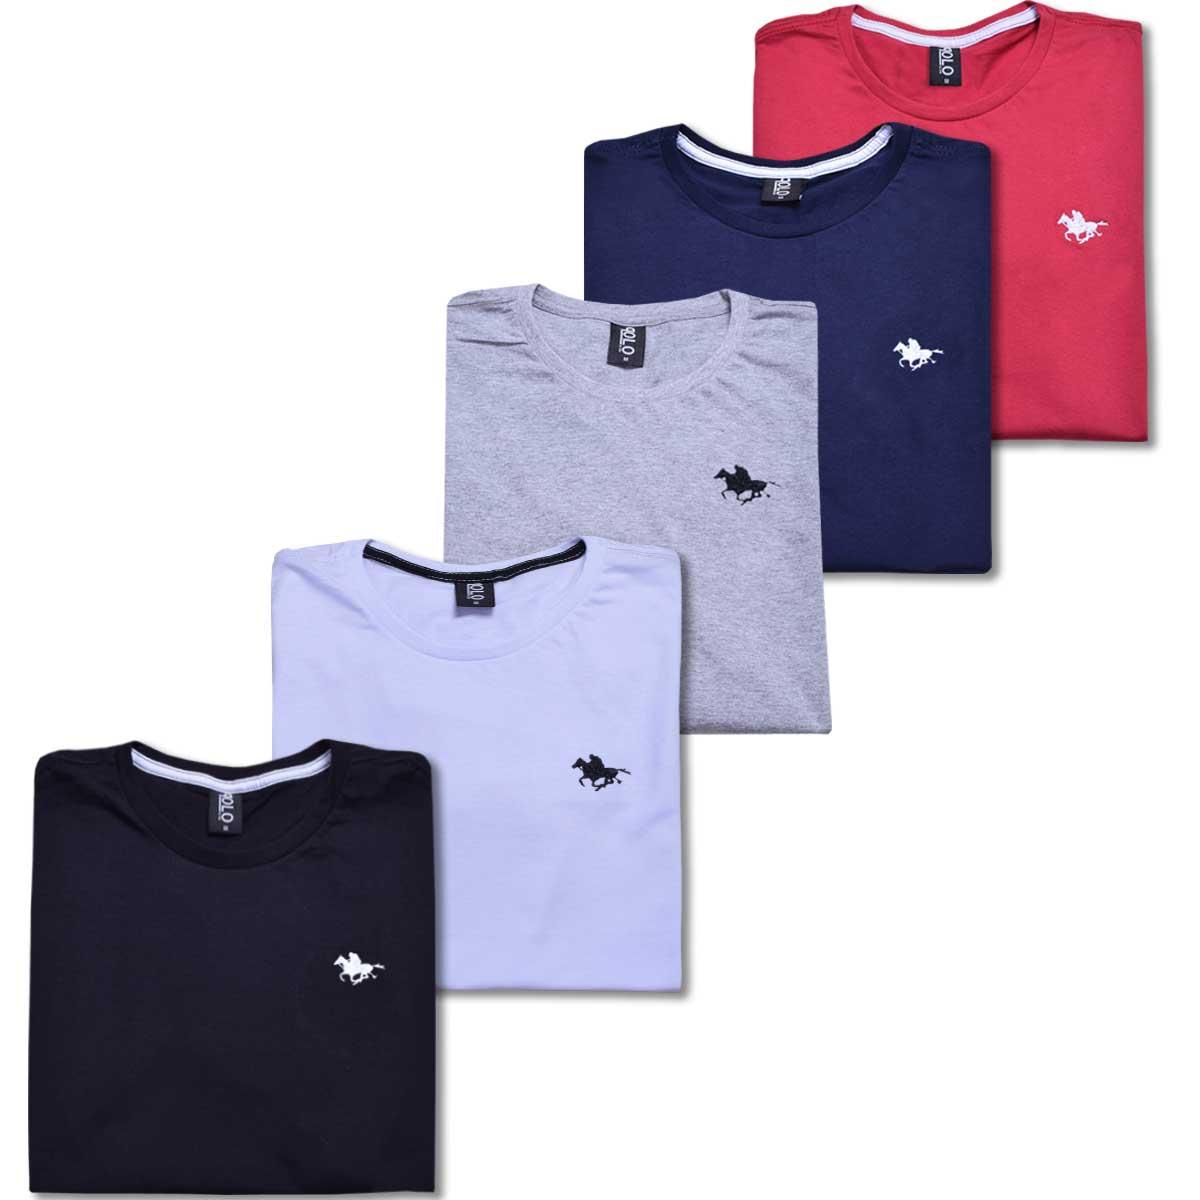 Kit Polos Masculinas básicas com Bordado